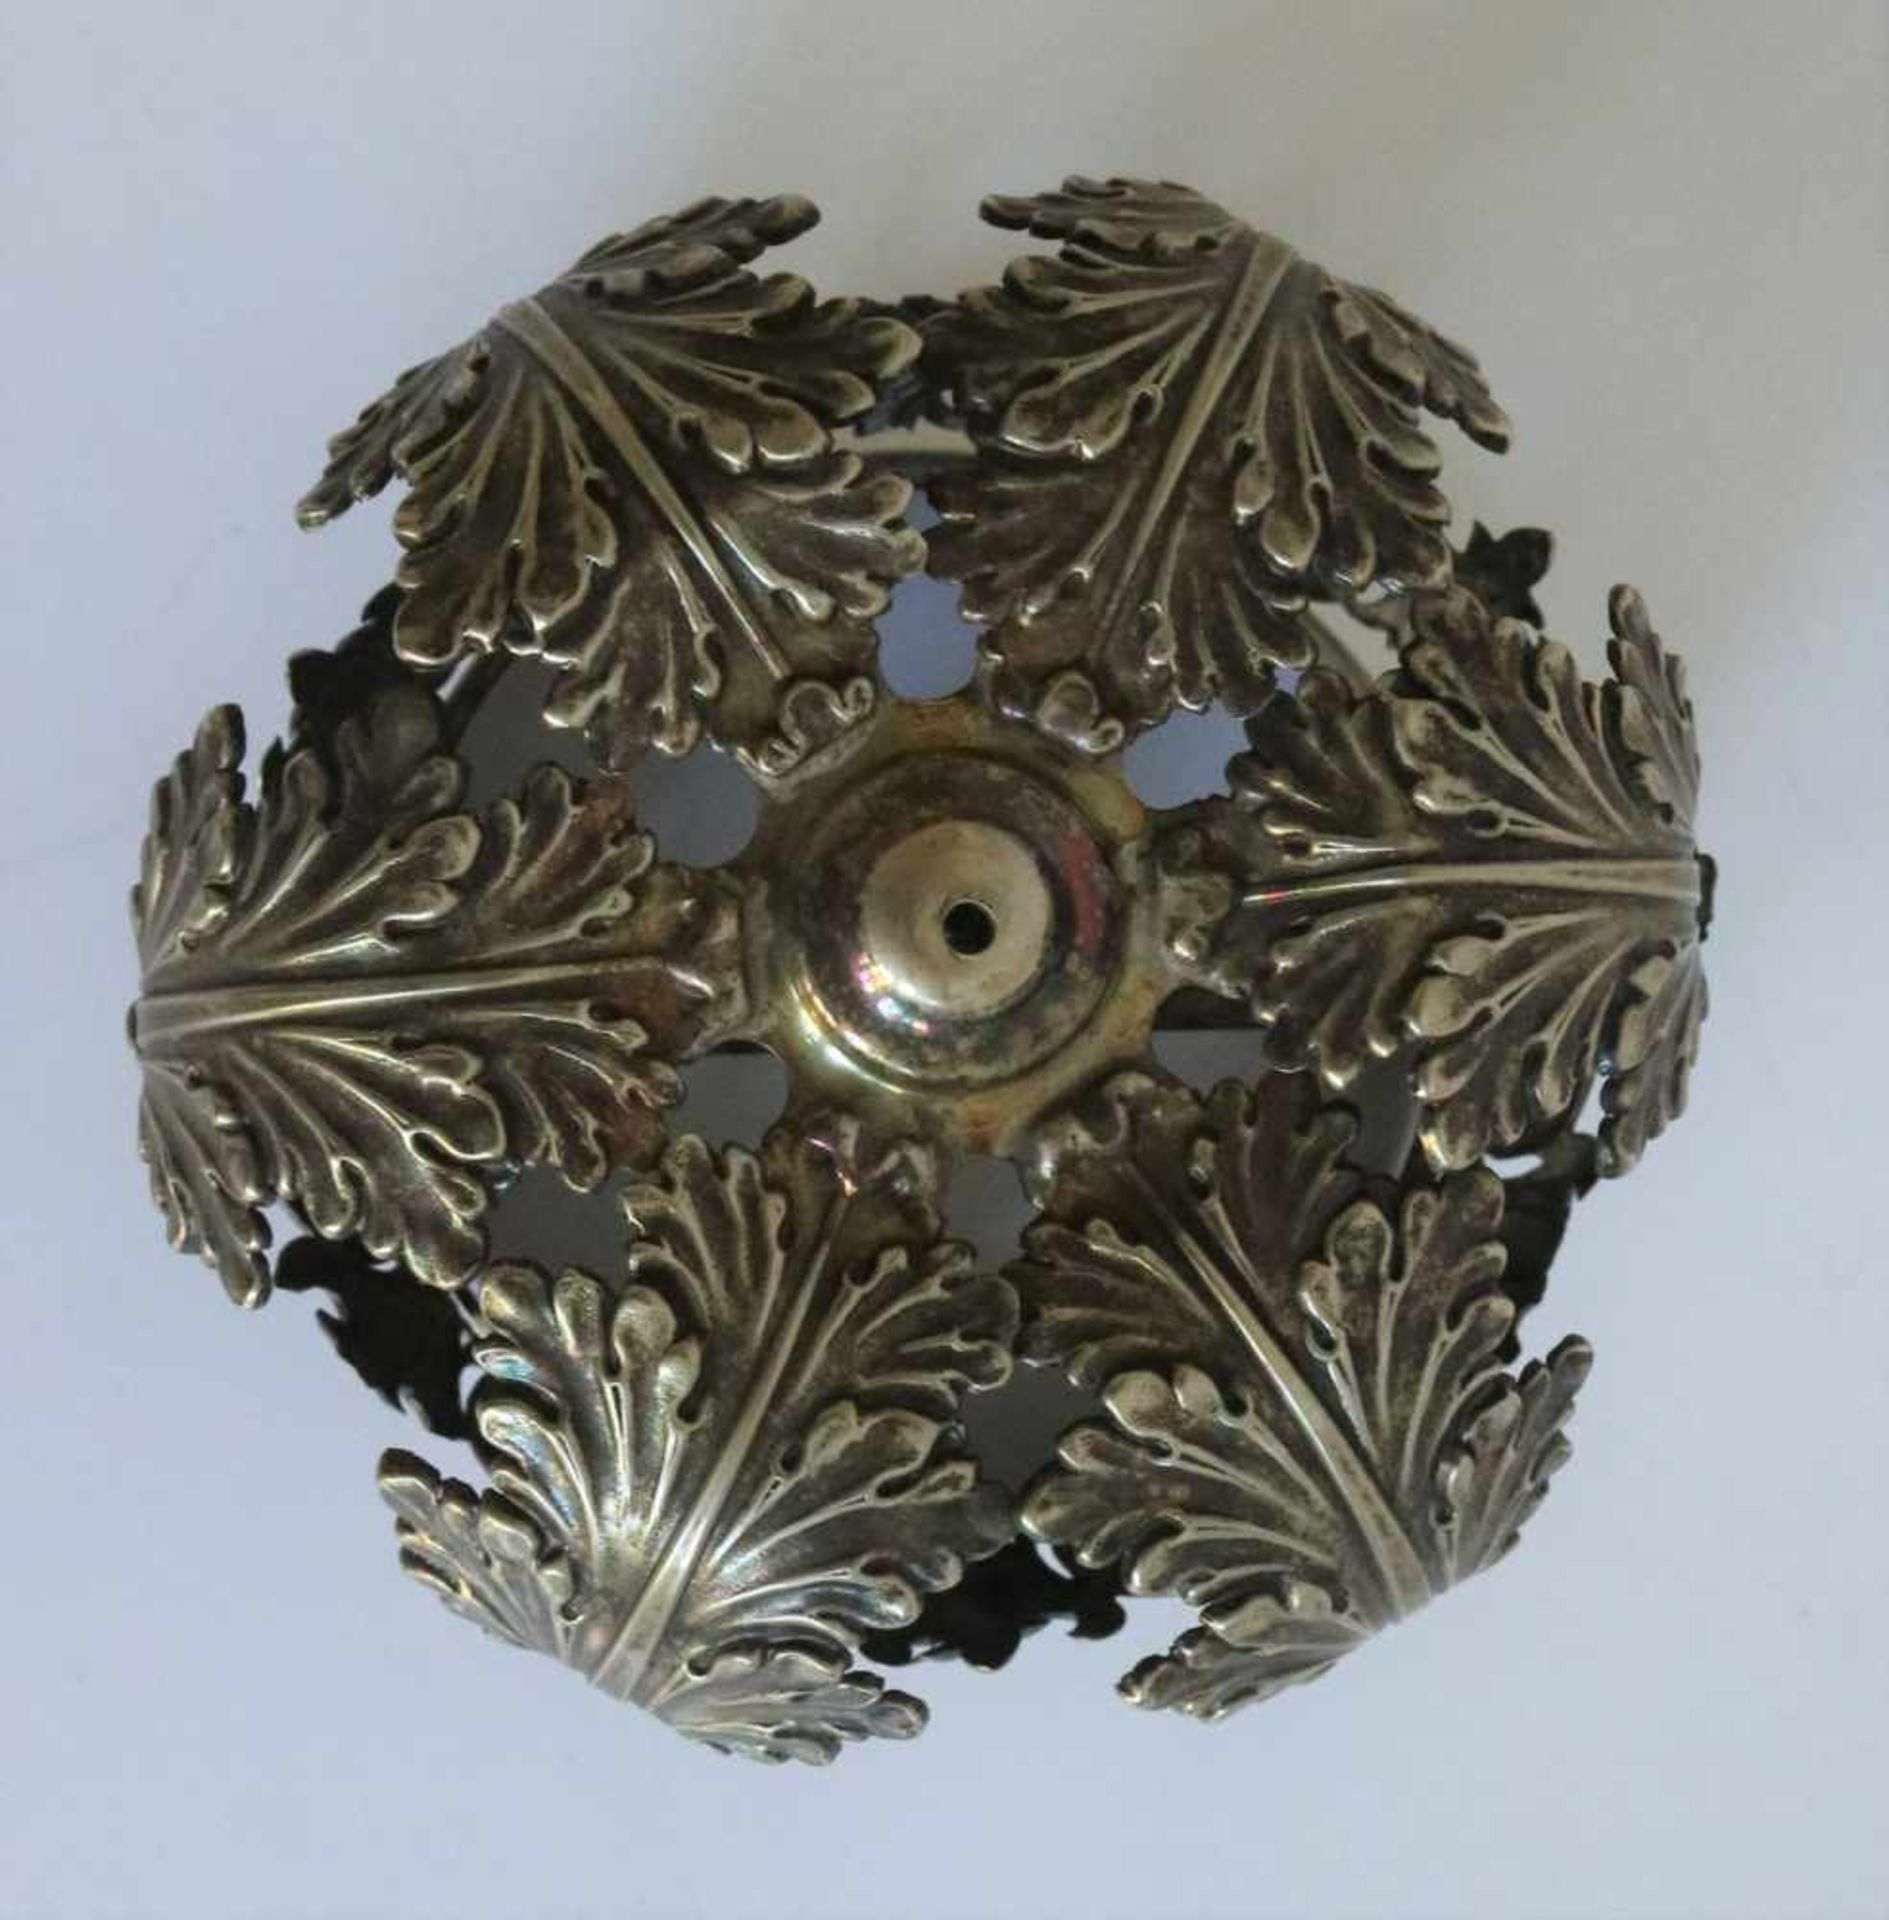 Los 15 - Silver crown baby Jesus, 19th century, 70 grams H 7 dia 10 cm